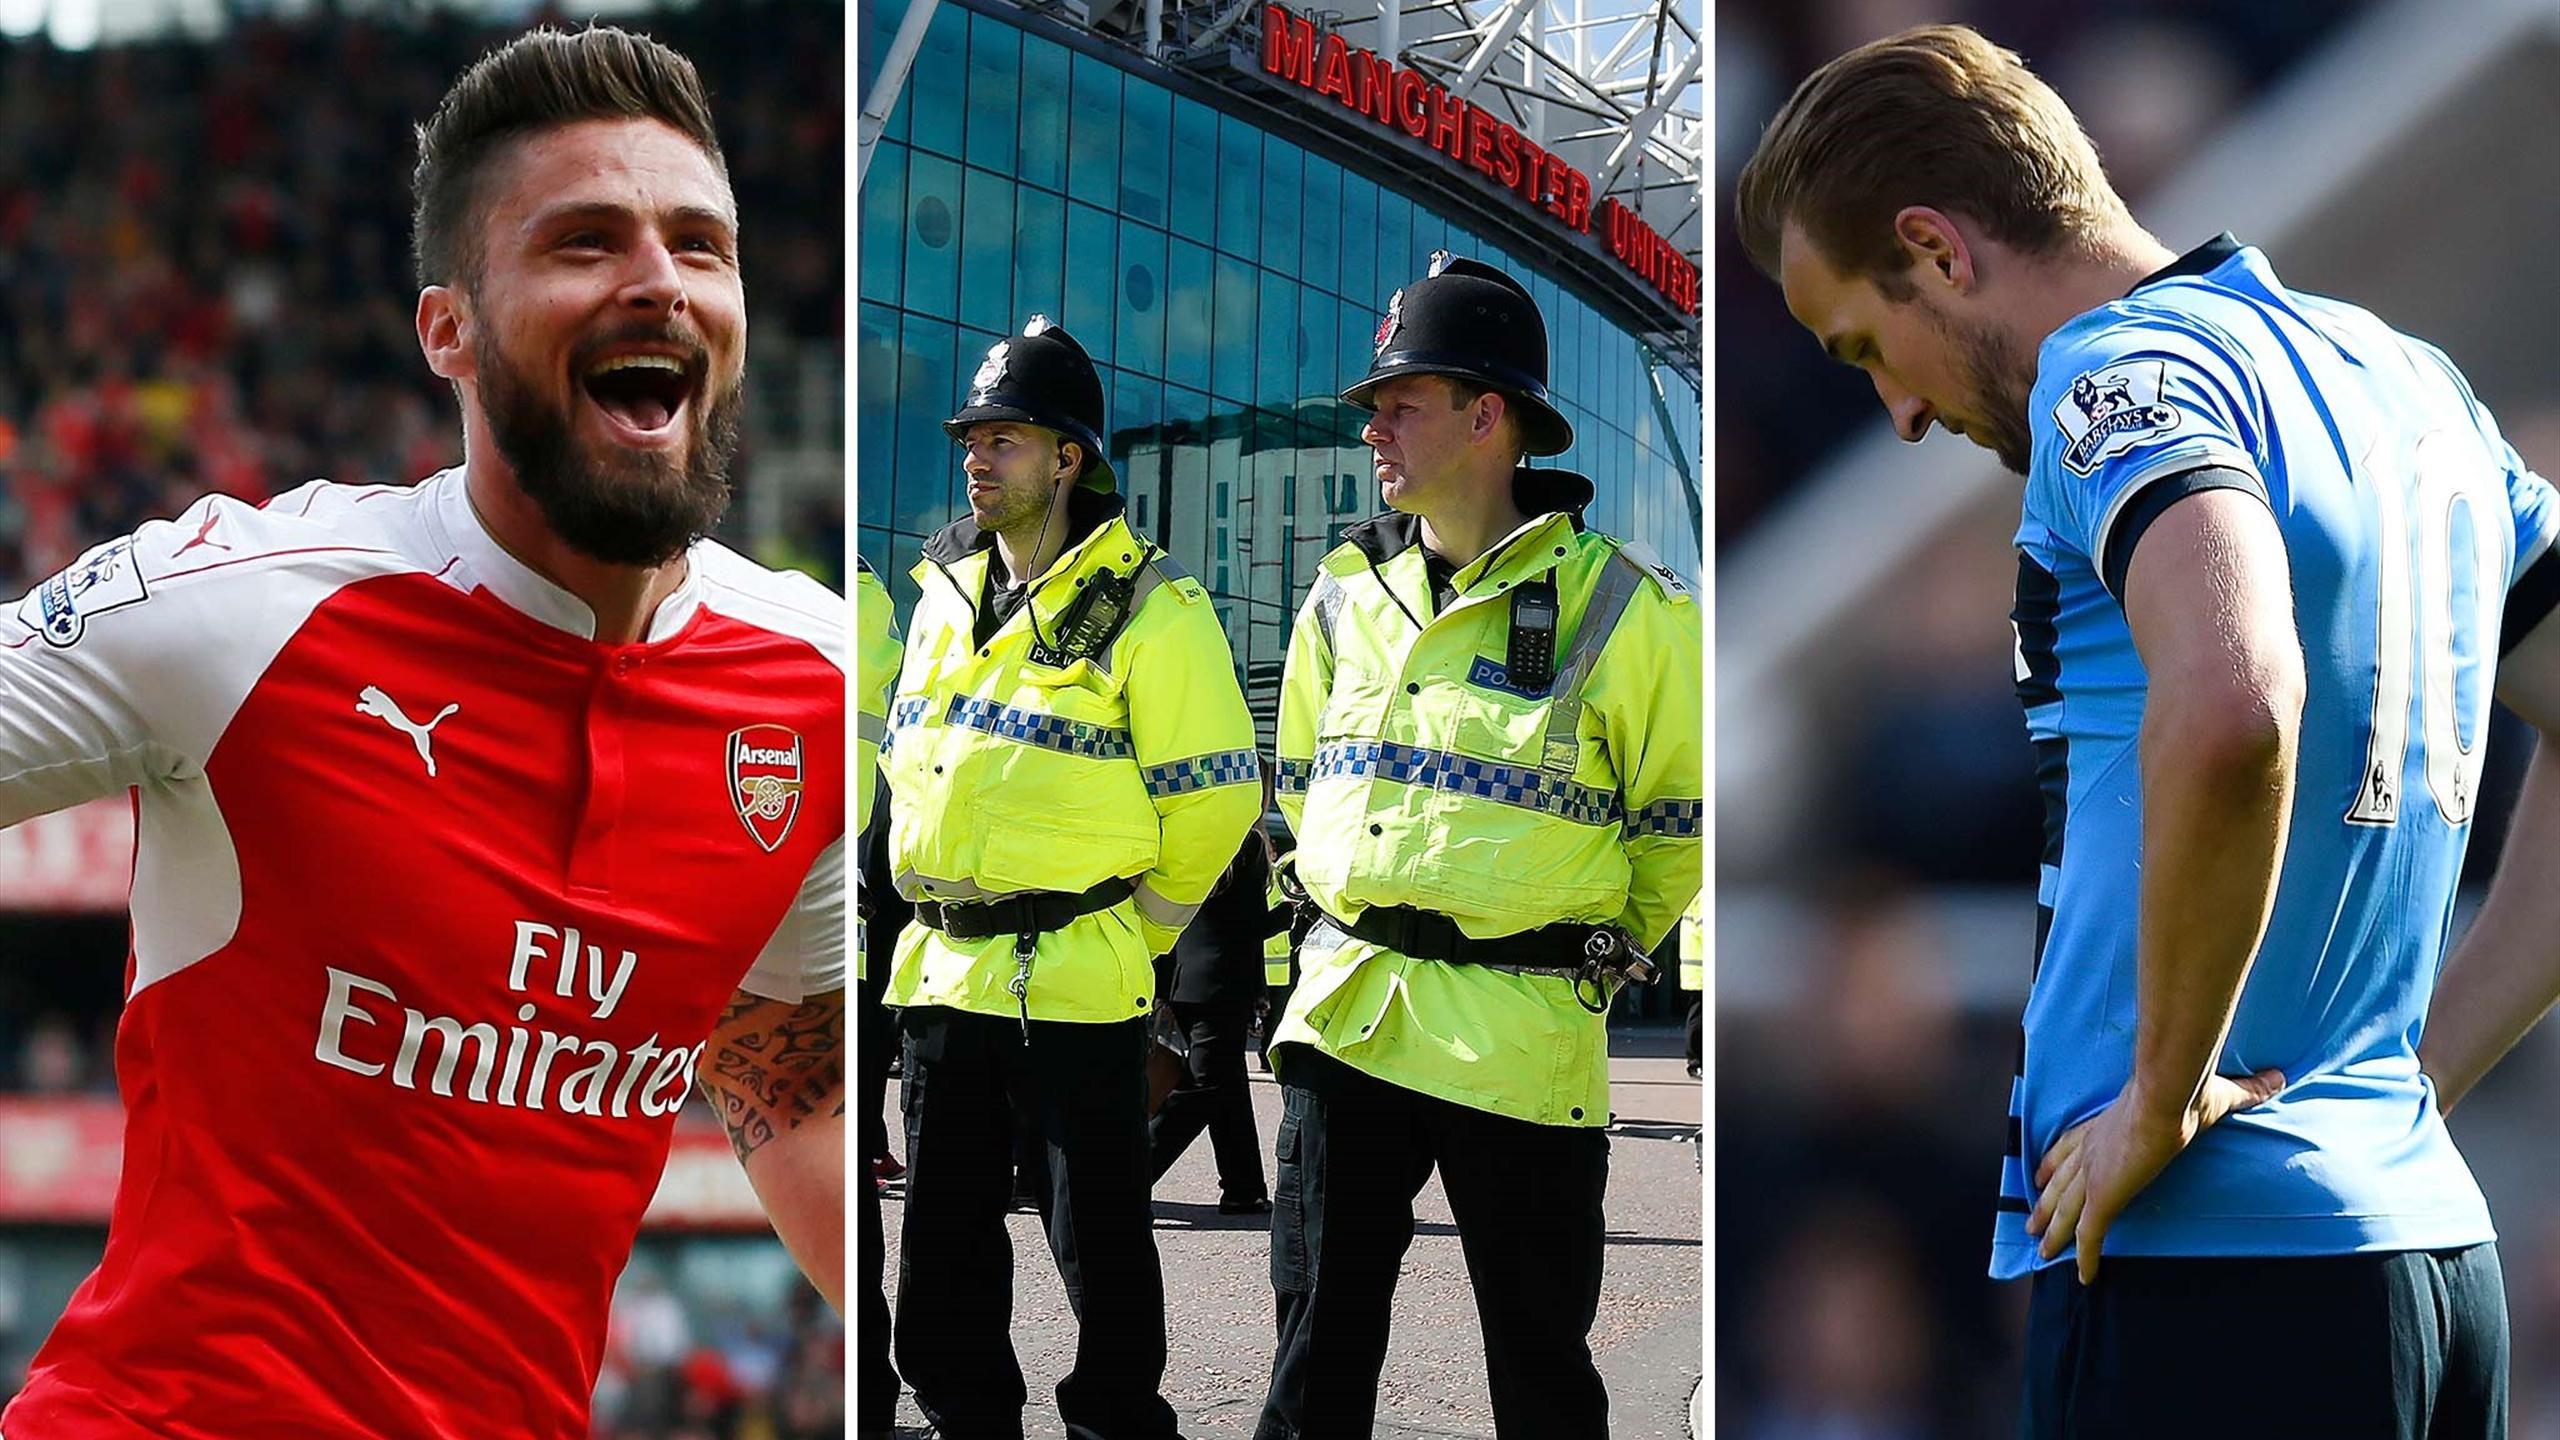 Giroud, Kane and the police